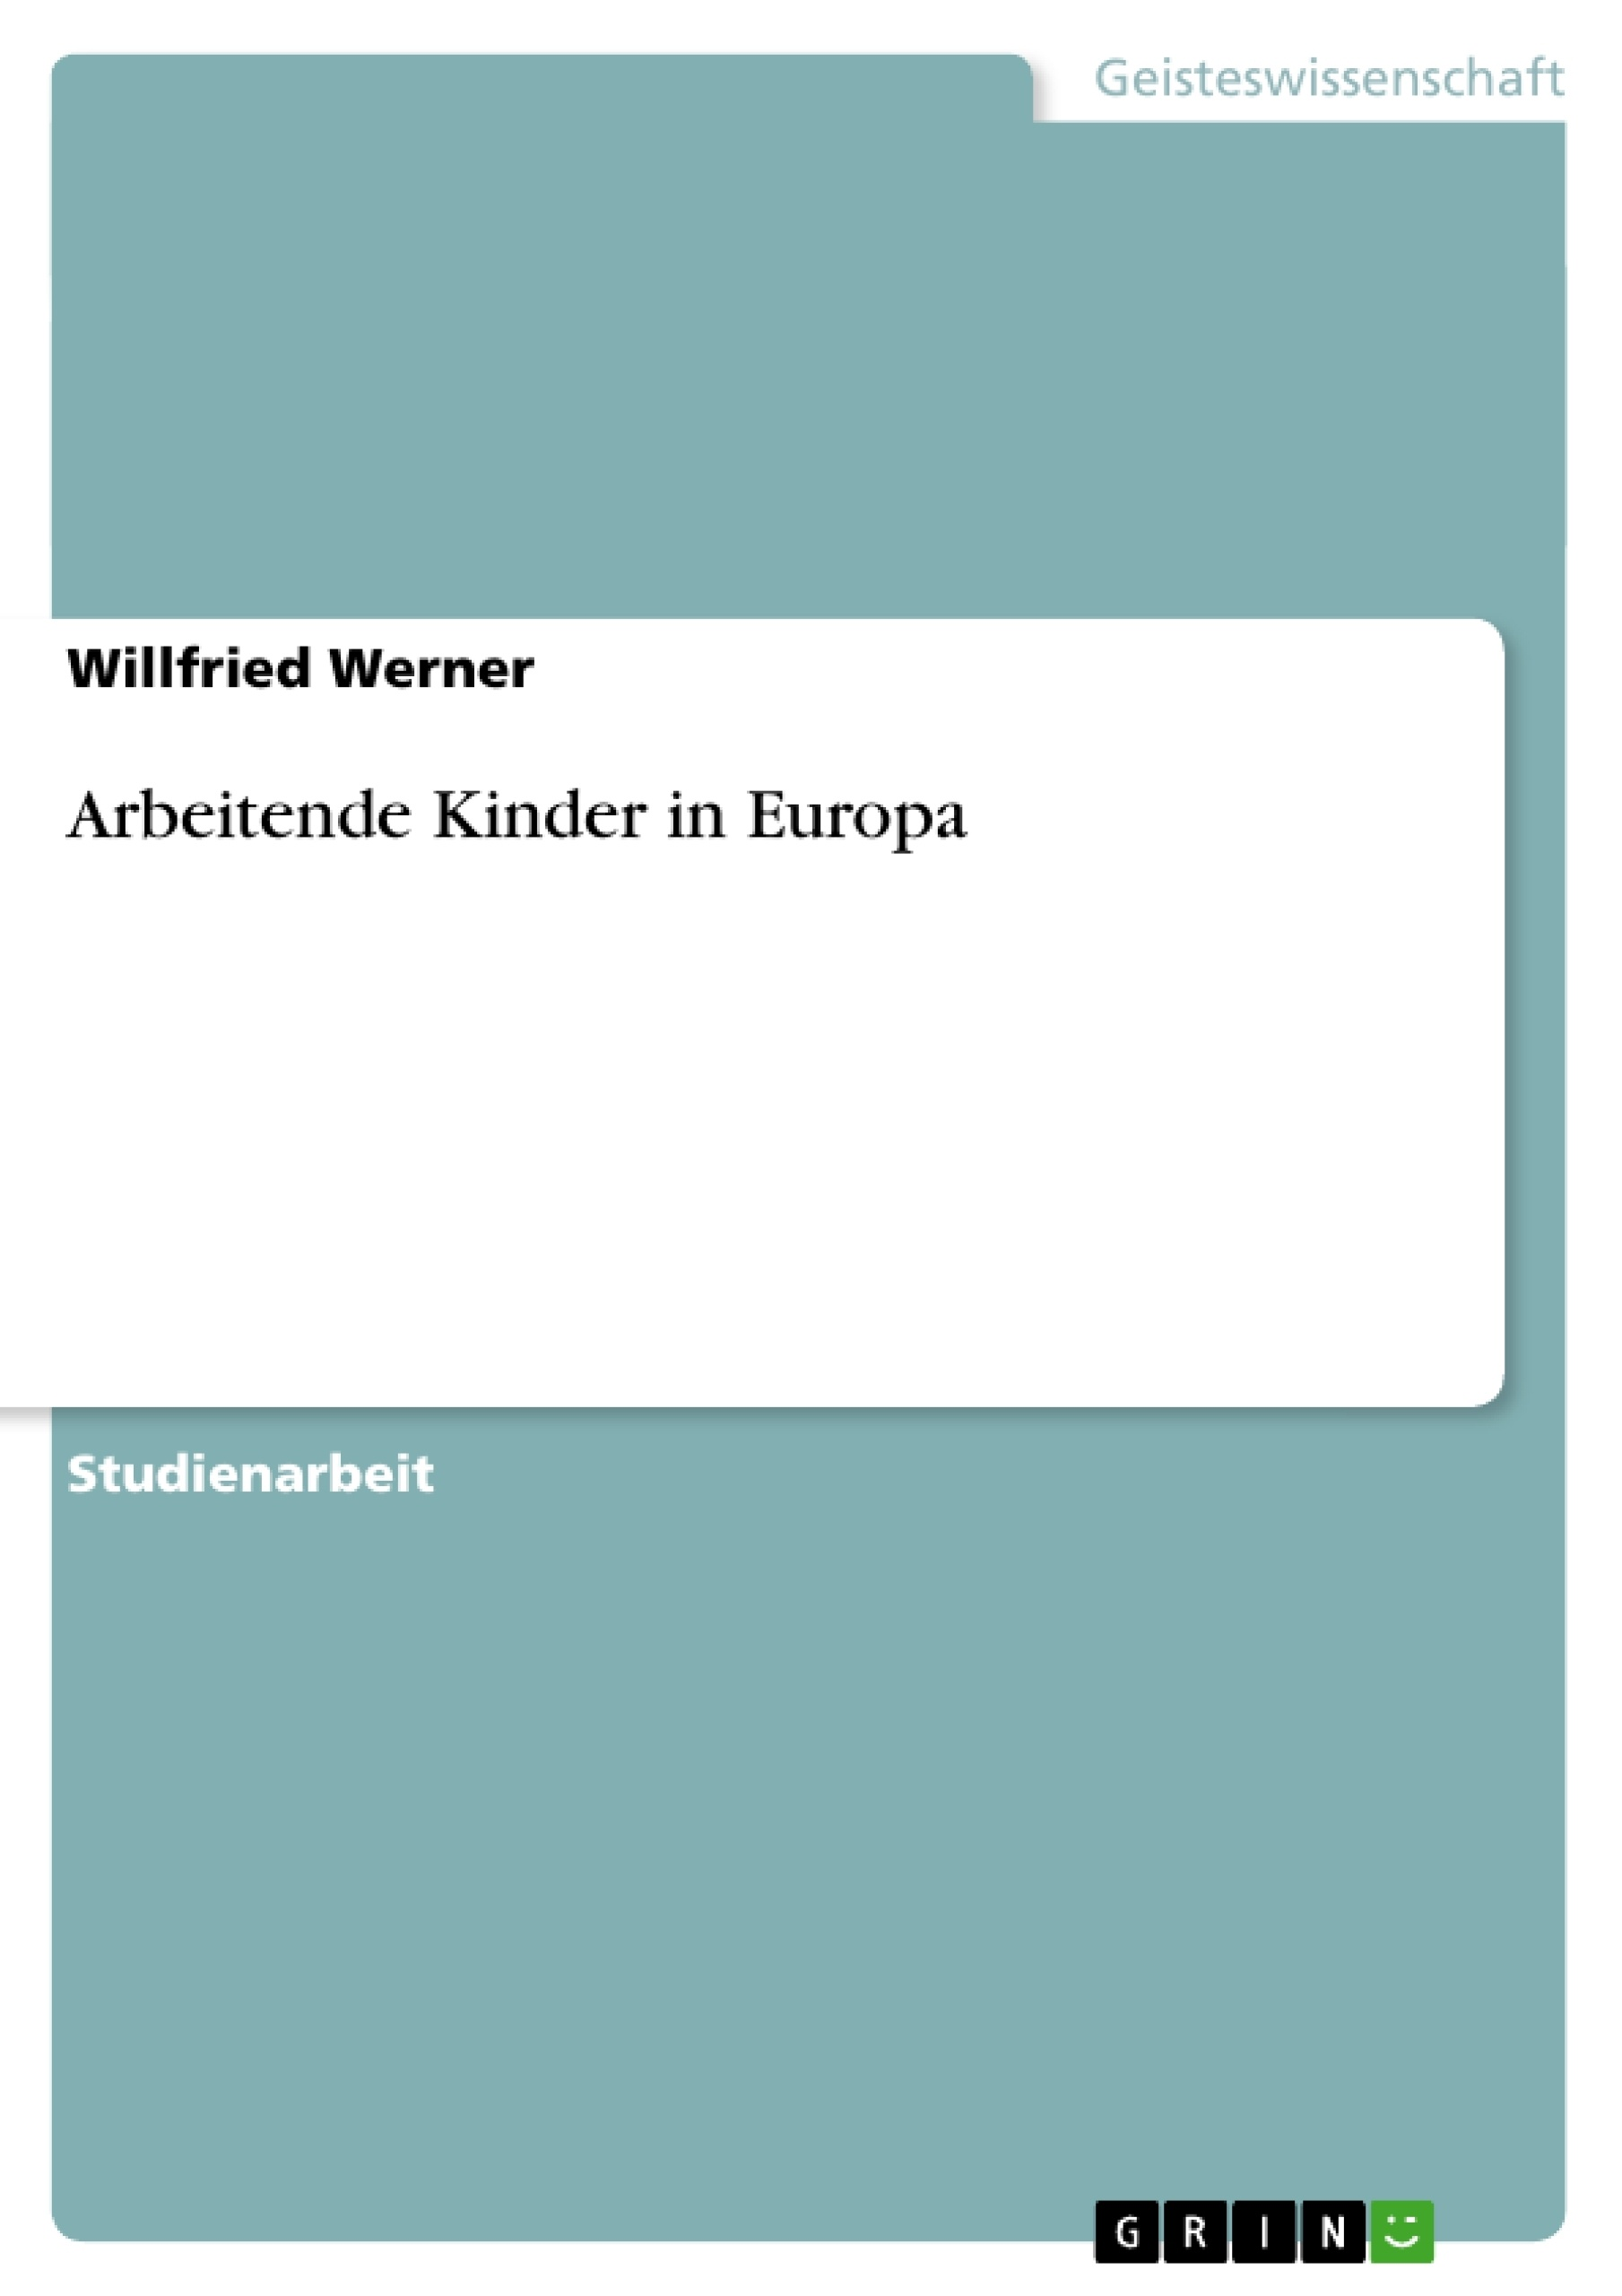 Titel: Arbeitende Kinder in Europa